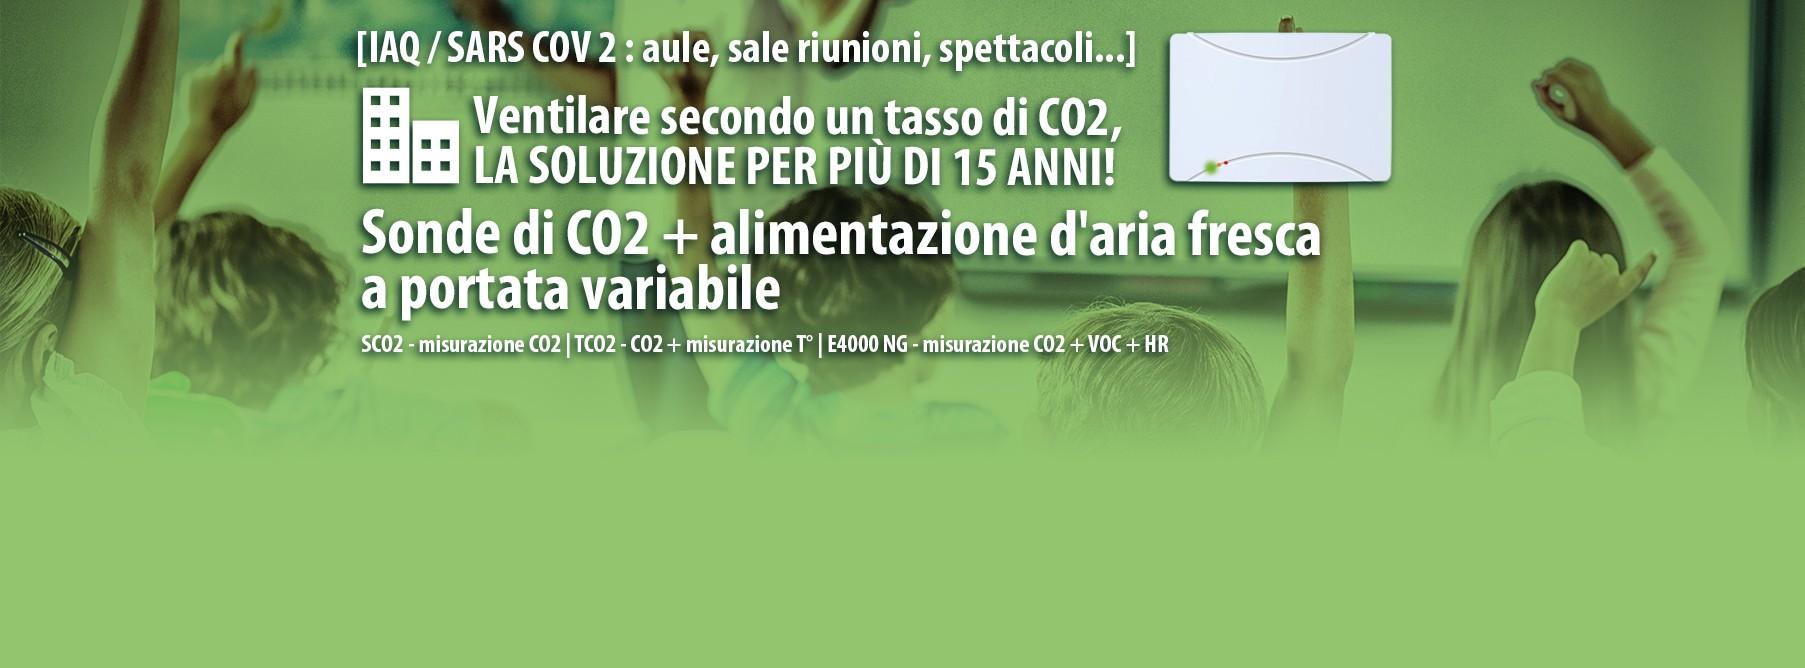 Ventilare secondo un tasso di CO2